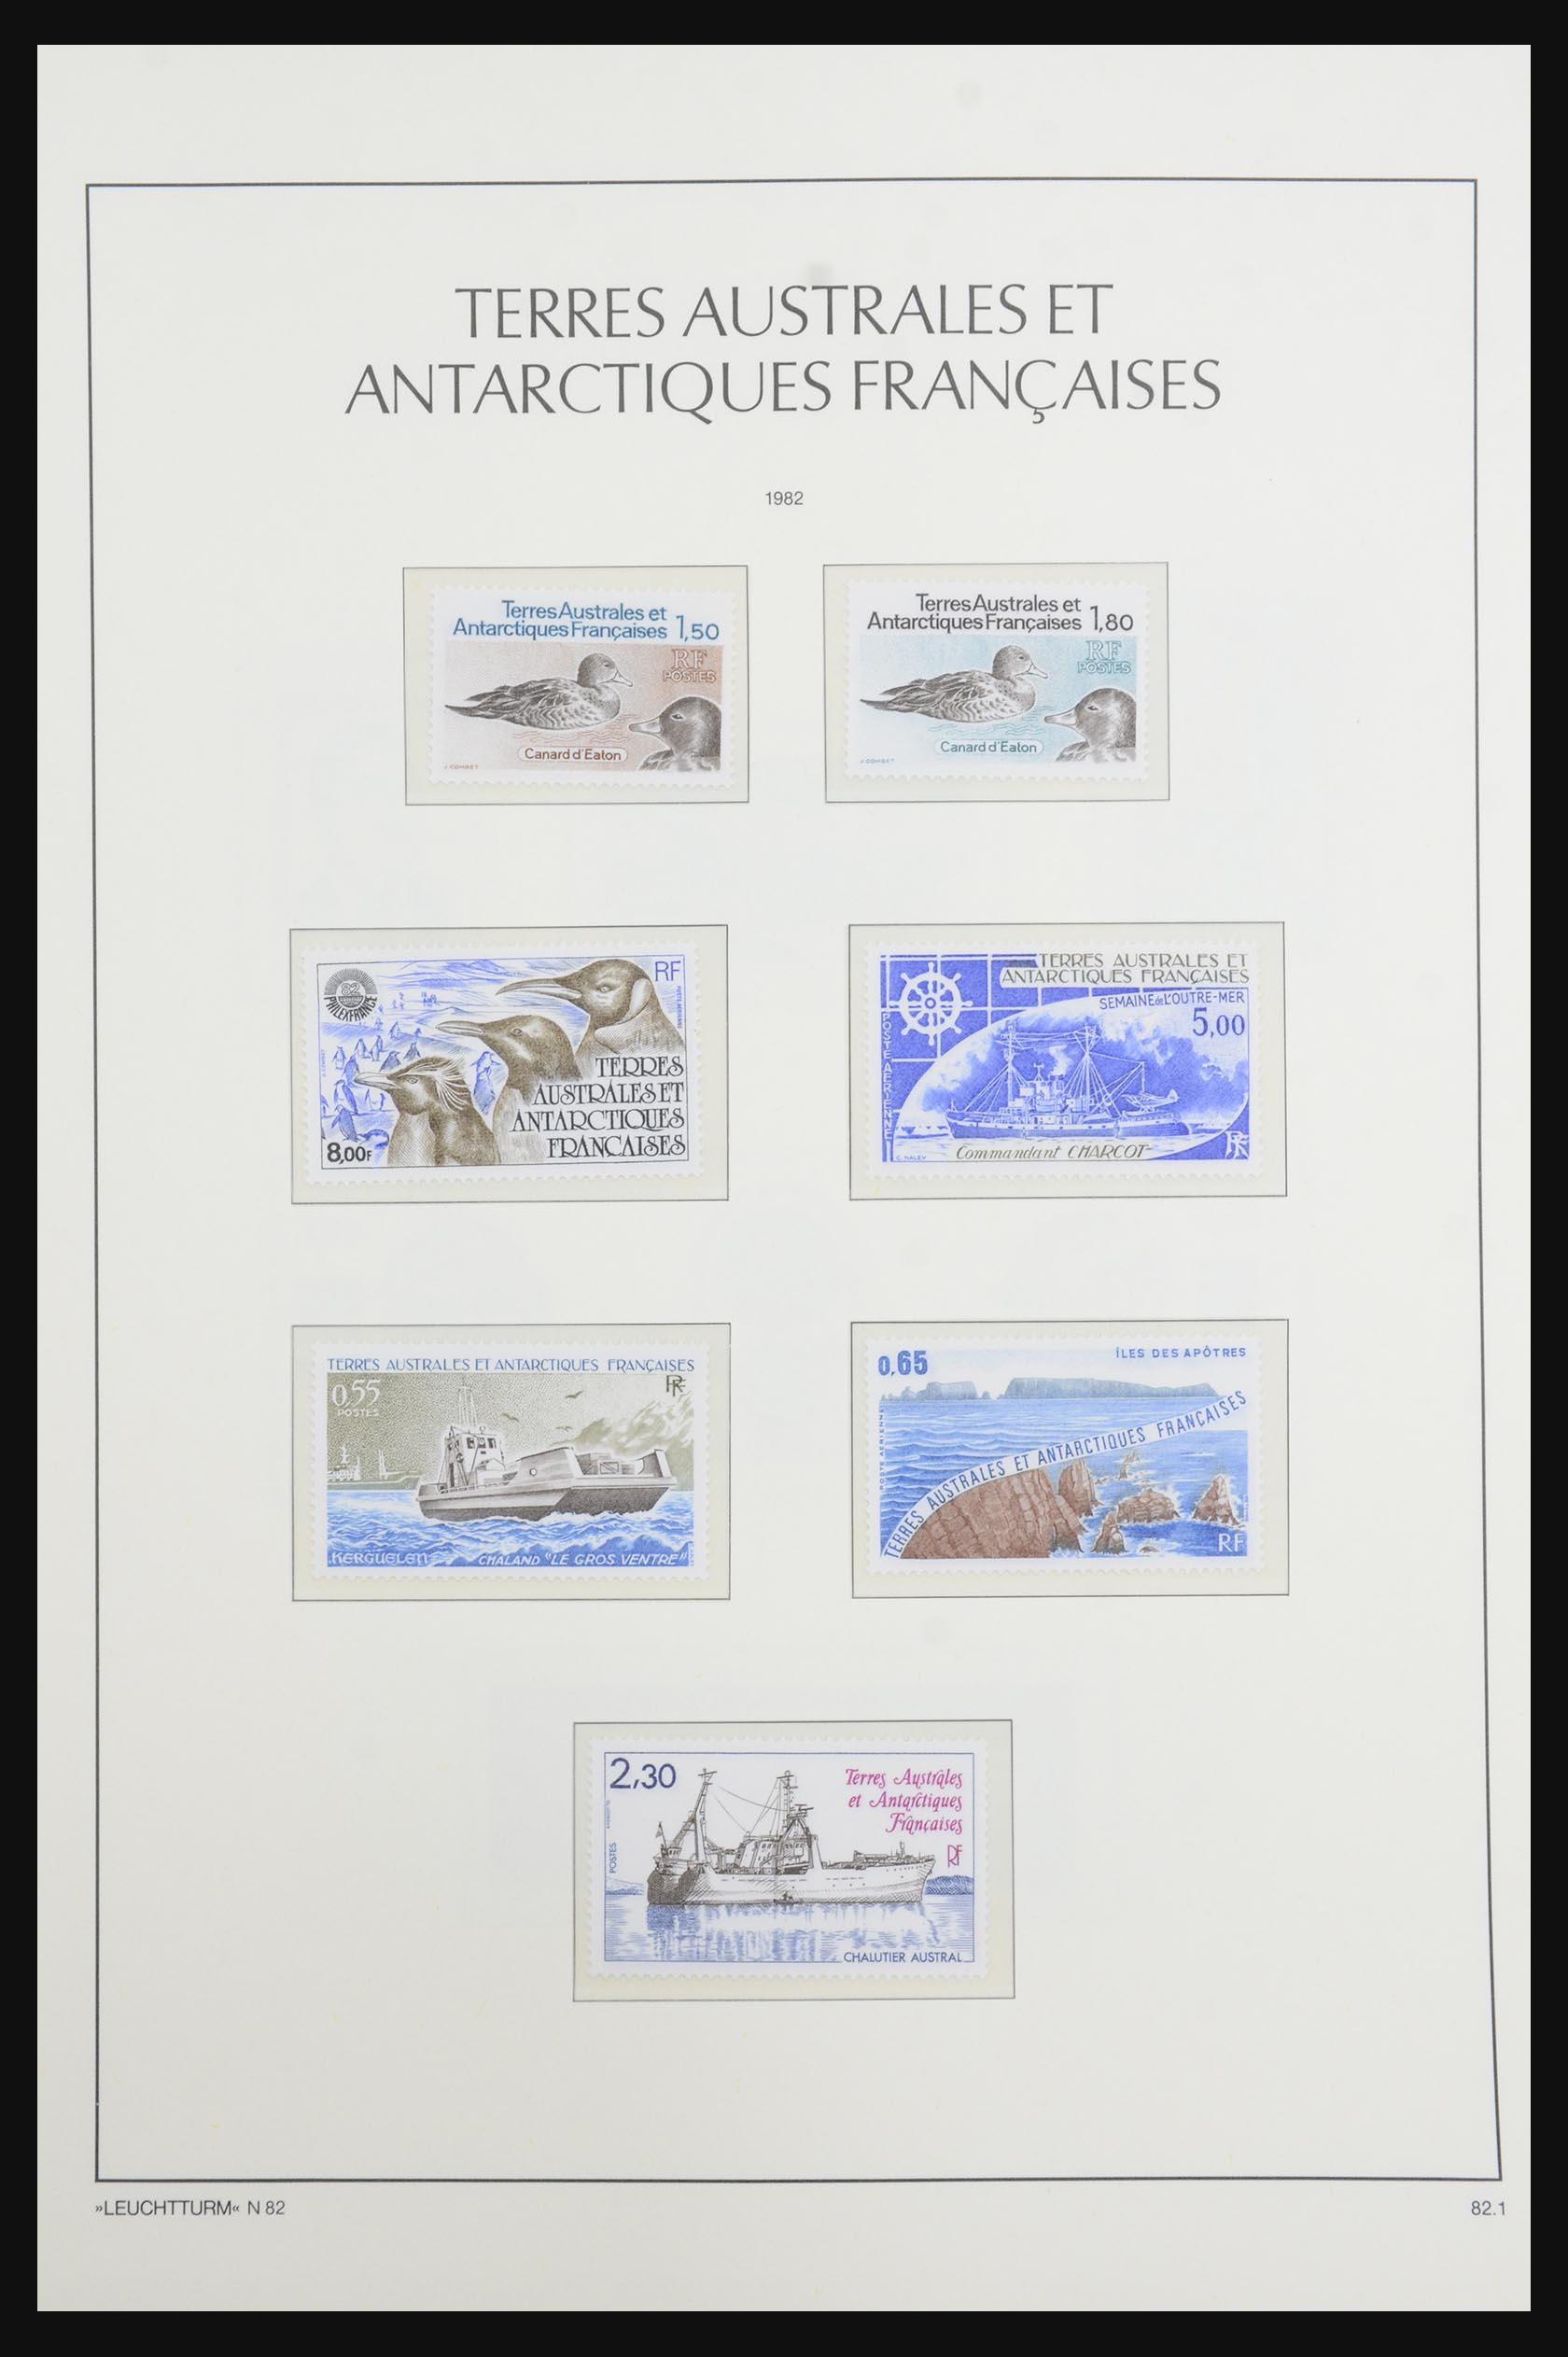 Lot 16468 - französische gebiete in der antarktis  -  Auktionshaus Christoph Gärtner GmbH & Co. KG 50th Auction Anniversary Auction - Day 5